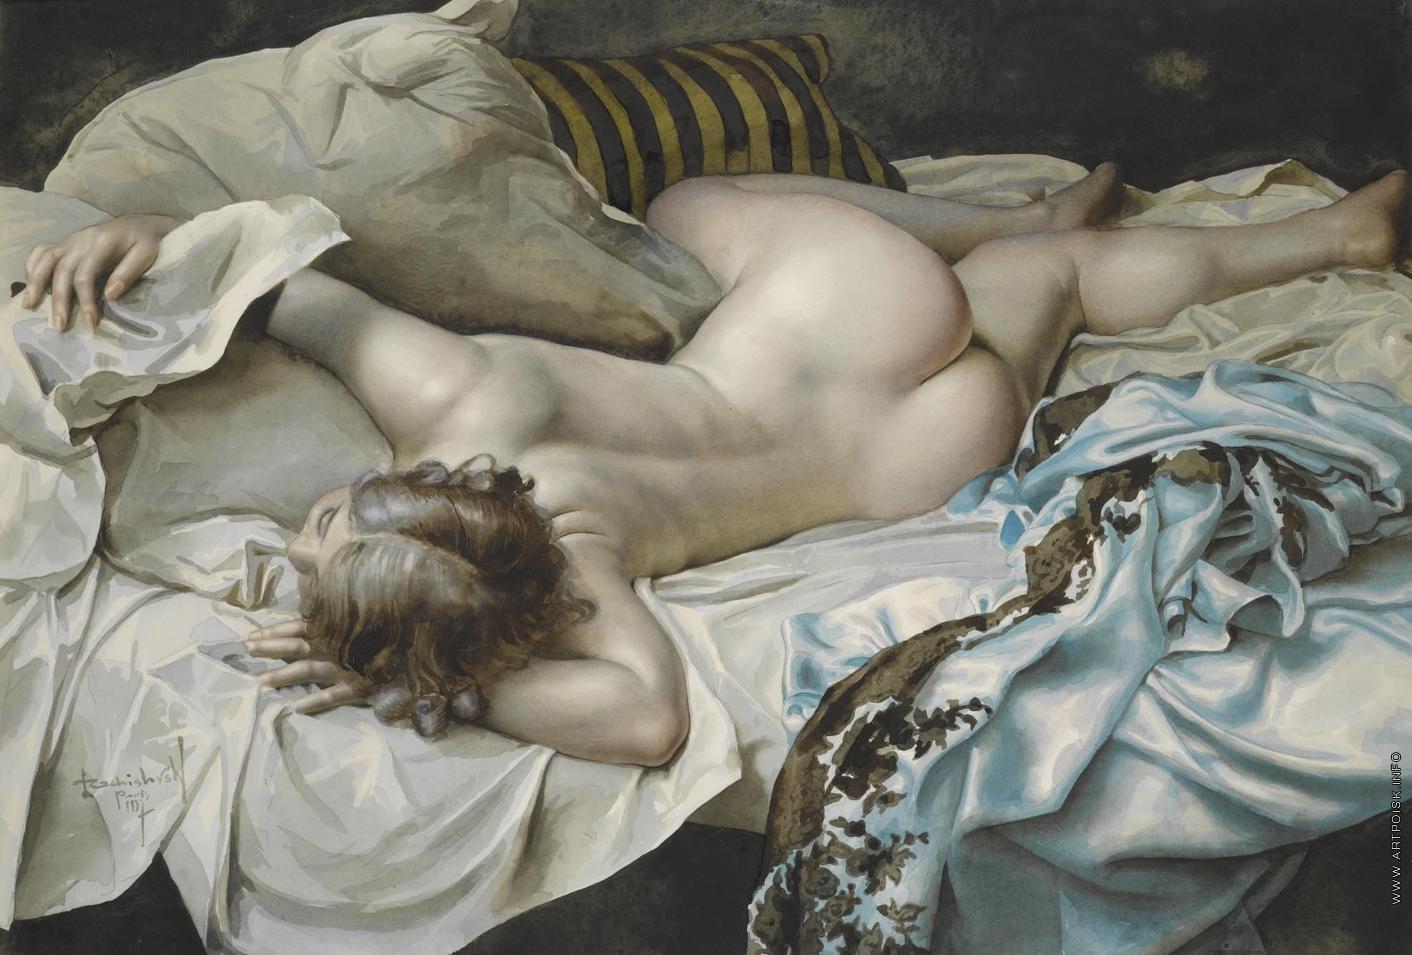 Художница рисует голого мужика, Дочь художница рисует с натуры папин член, сосёт его 5 фотография